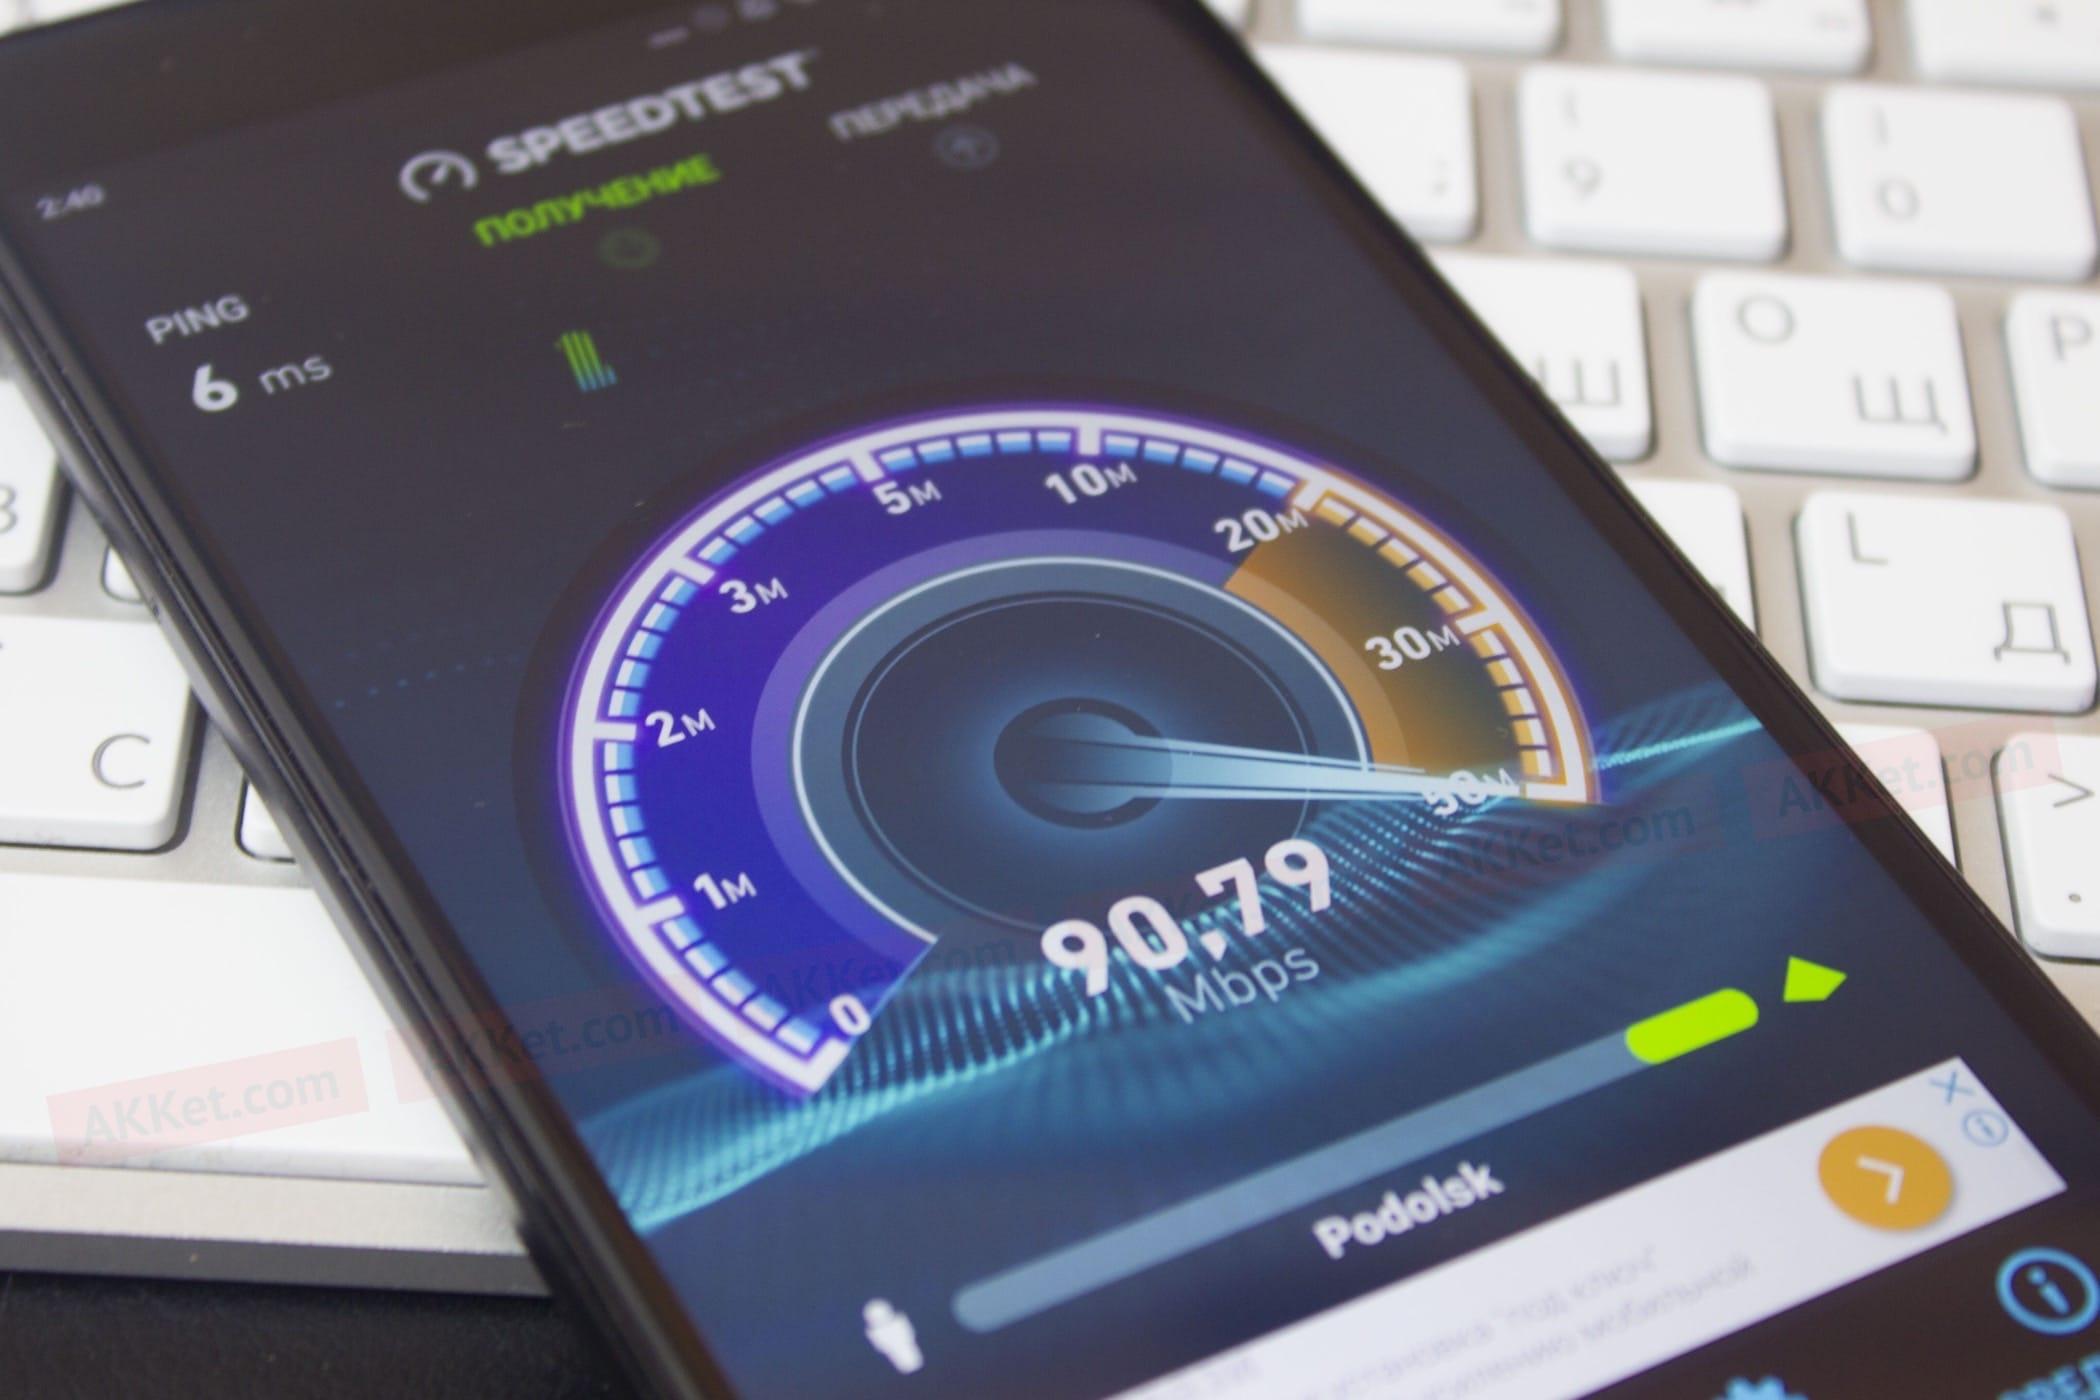 плохое интернет соединение на телефоне